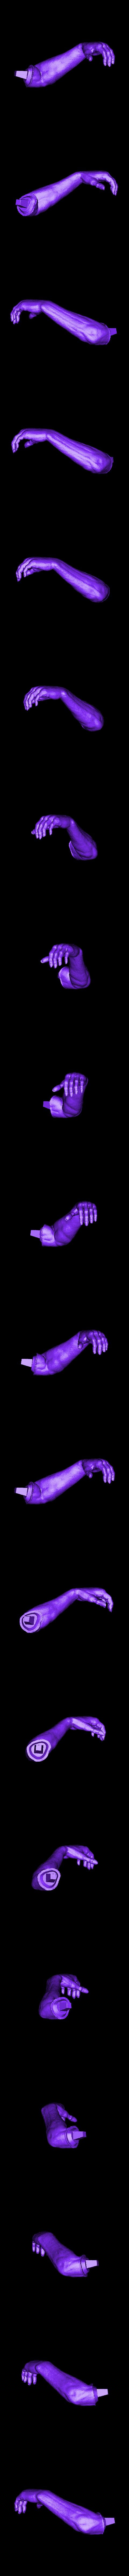 HandL_repaired.stl Download free STL file Soul Reaper demon hunter • 3D print object, Boris3dStudio